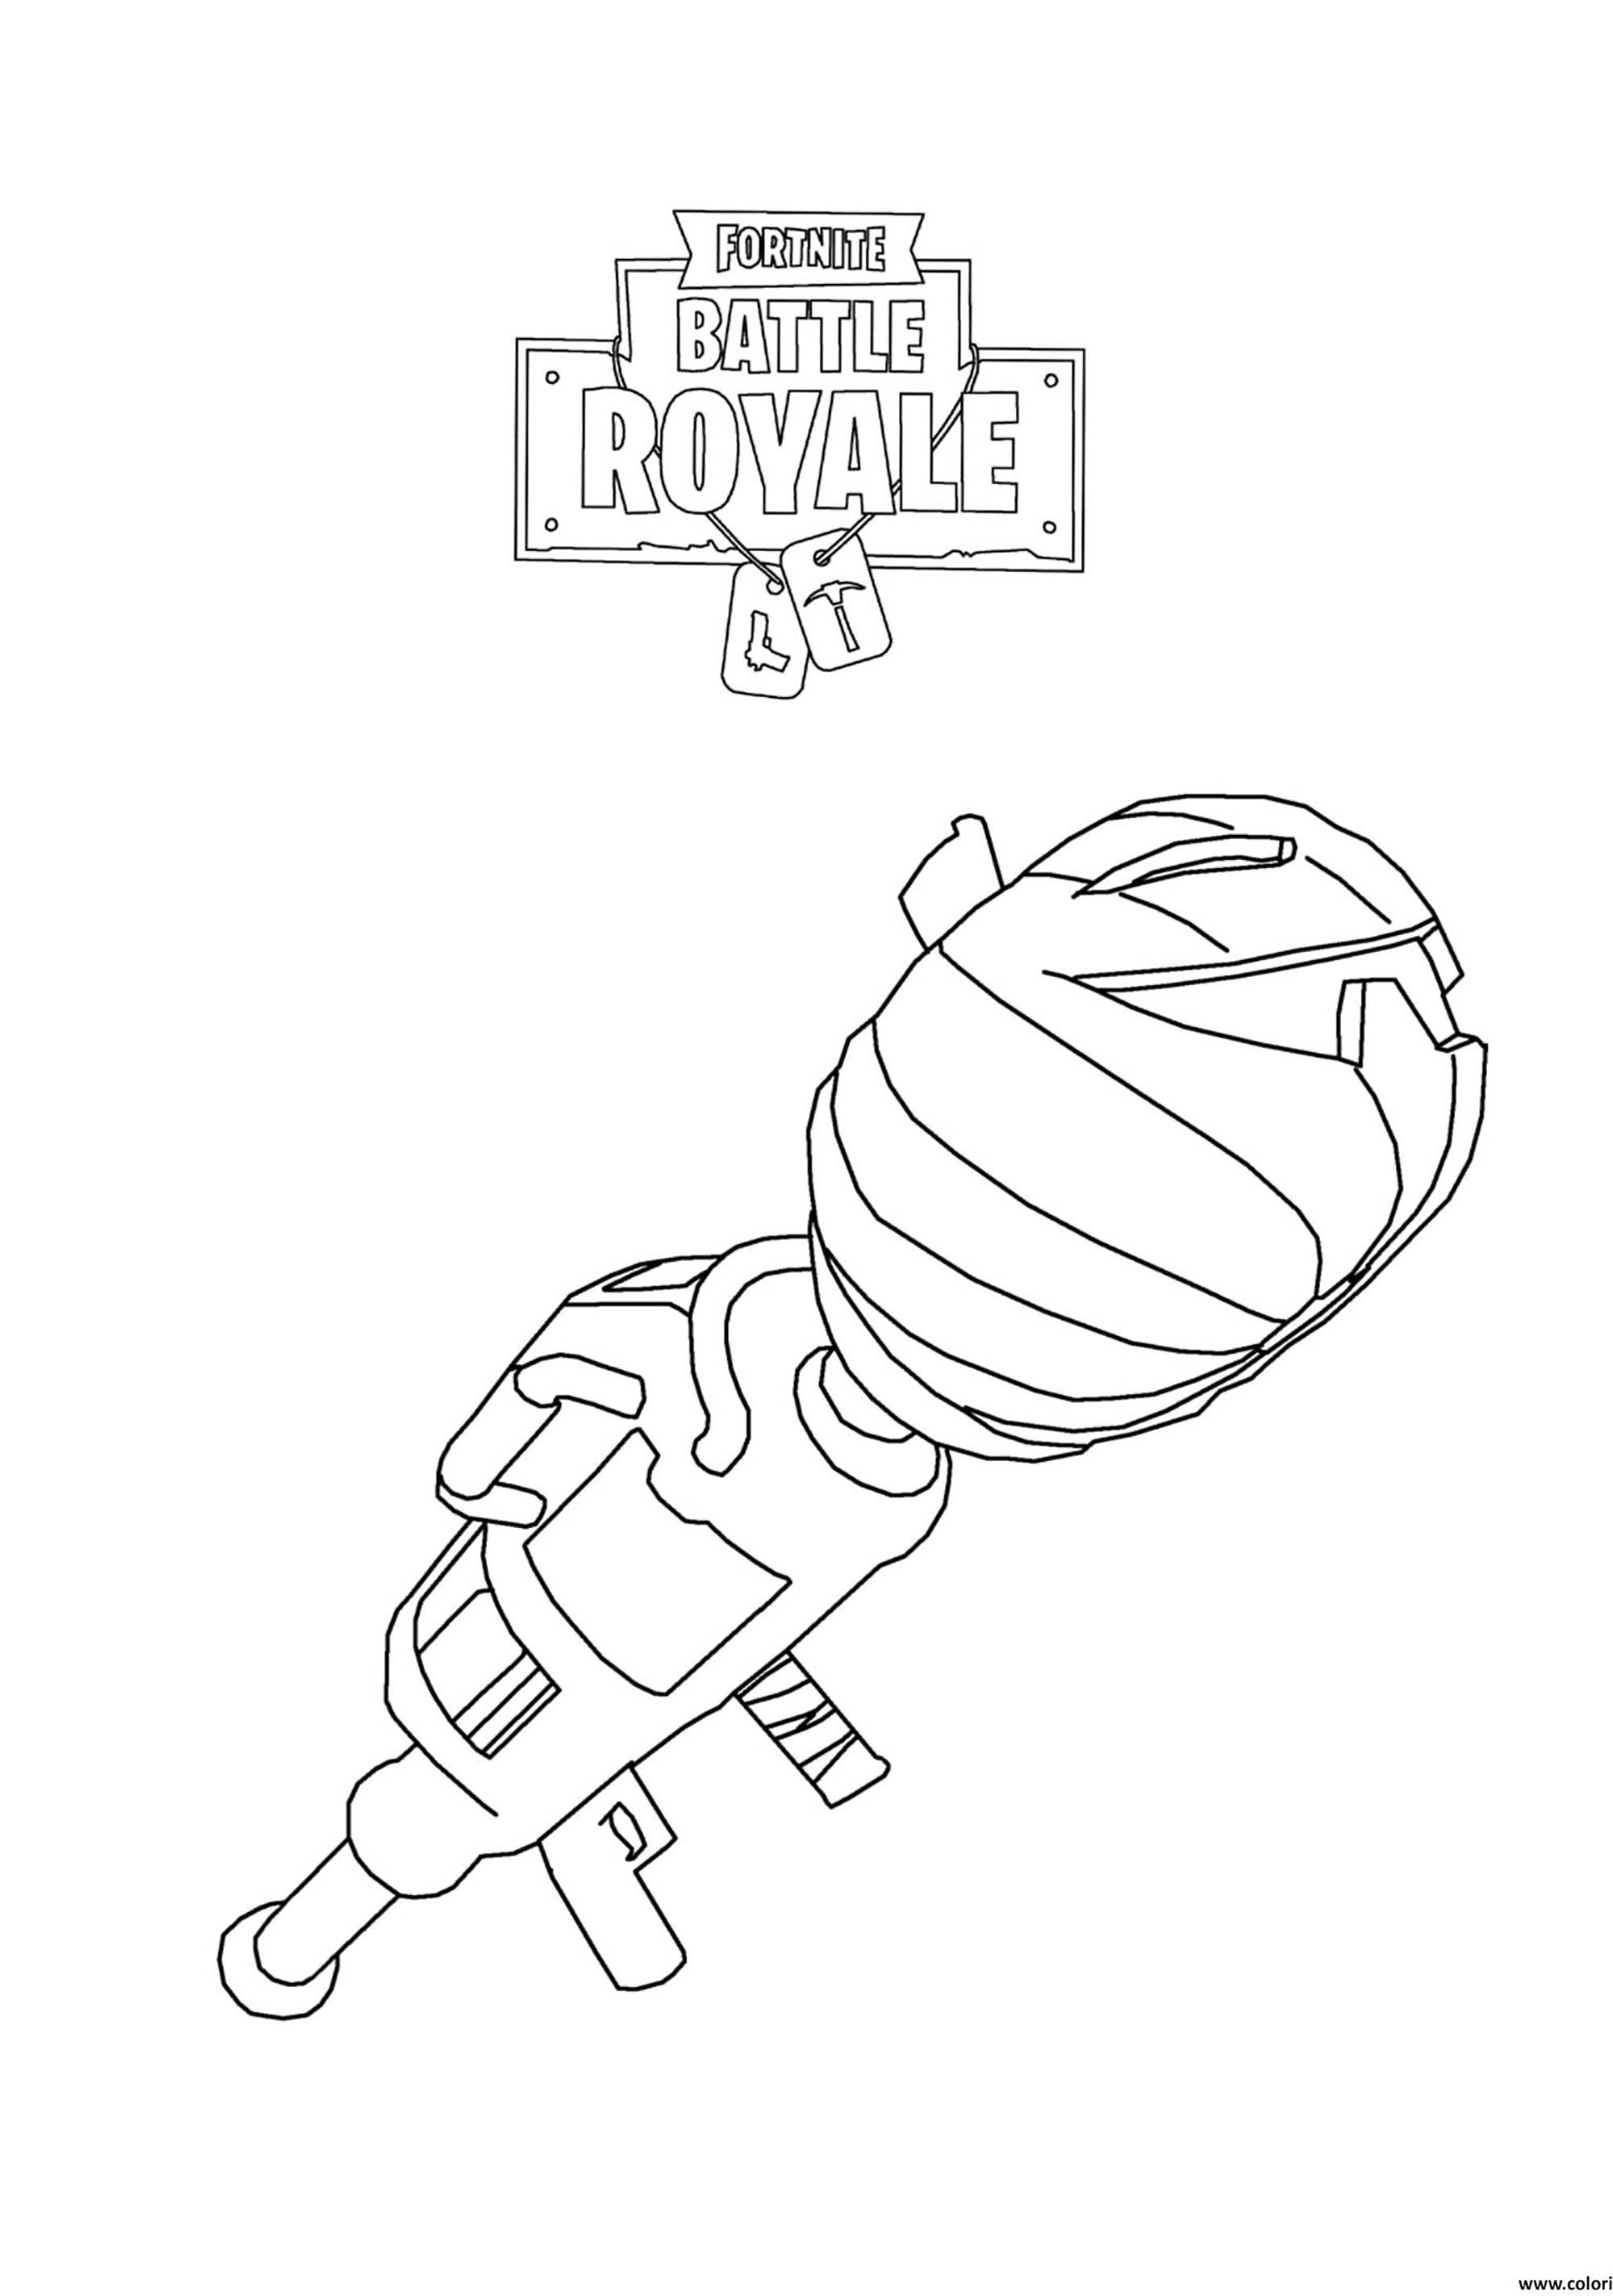 Fortnite Battle Royale Lance Roquettes Coloriage